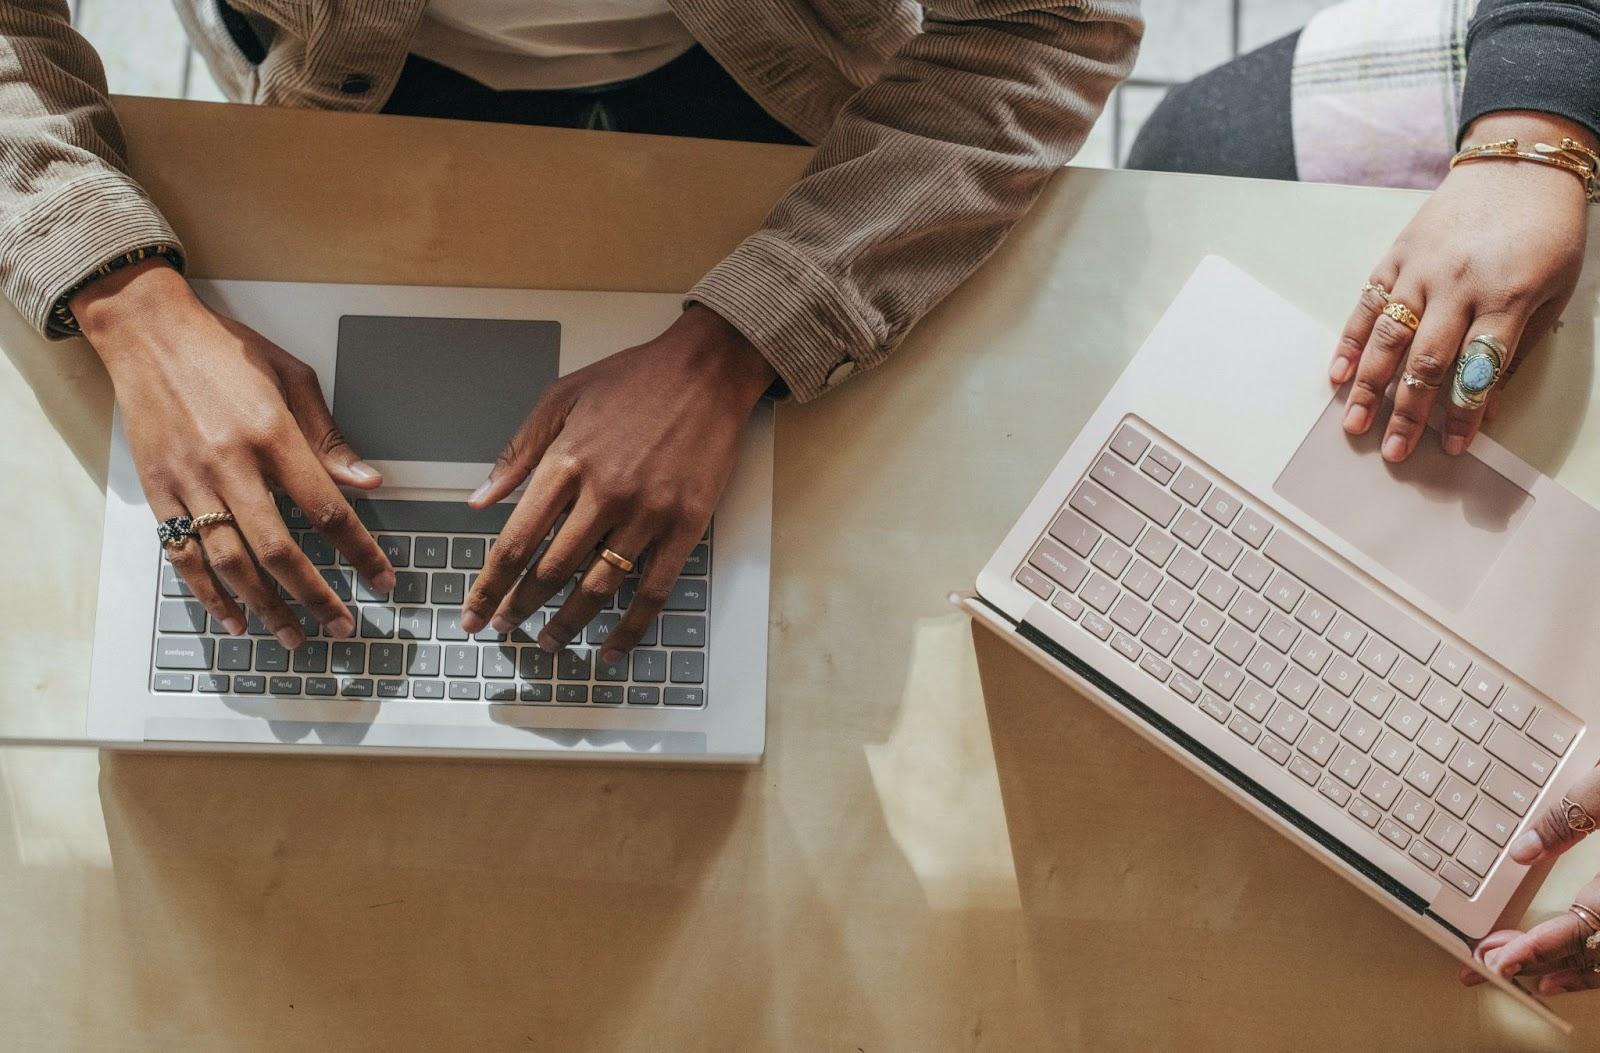 Deux ordinateurs et paires de mains vue du dessus